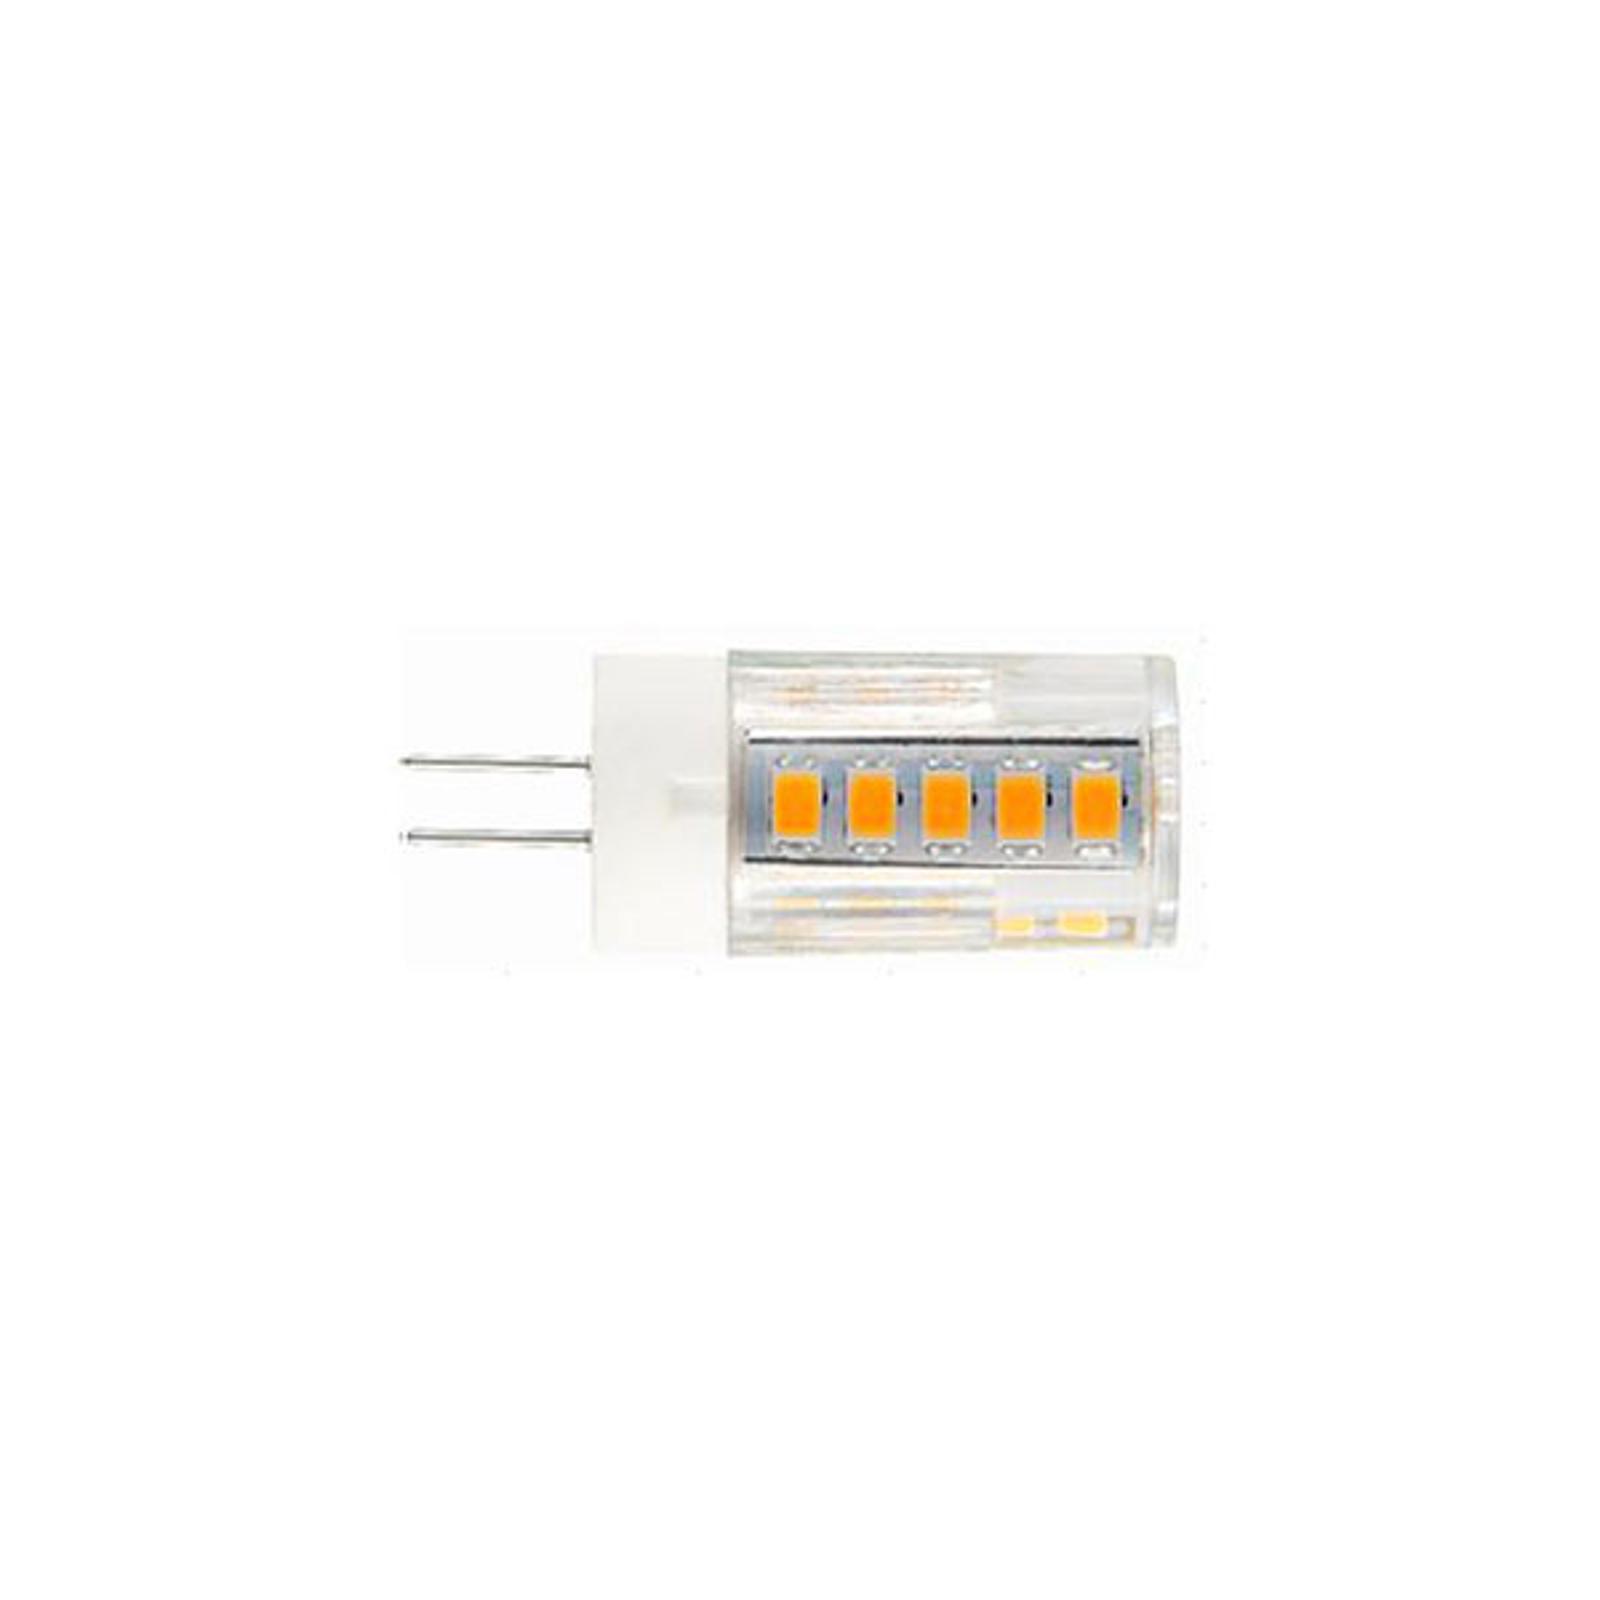 LED-stiftsokkel G4 2,5 W varmhvit 250 lumen